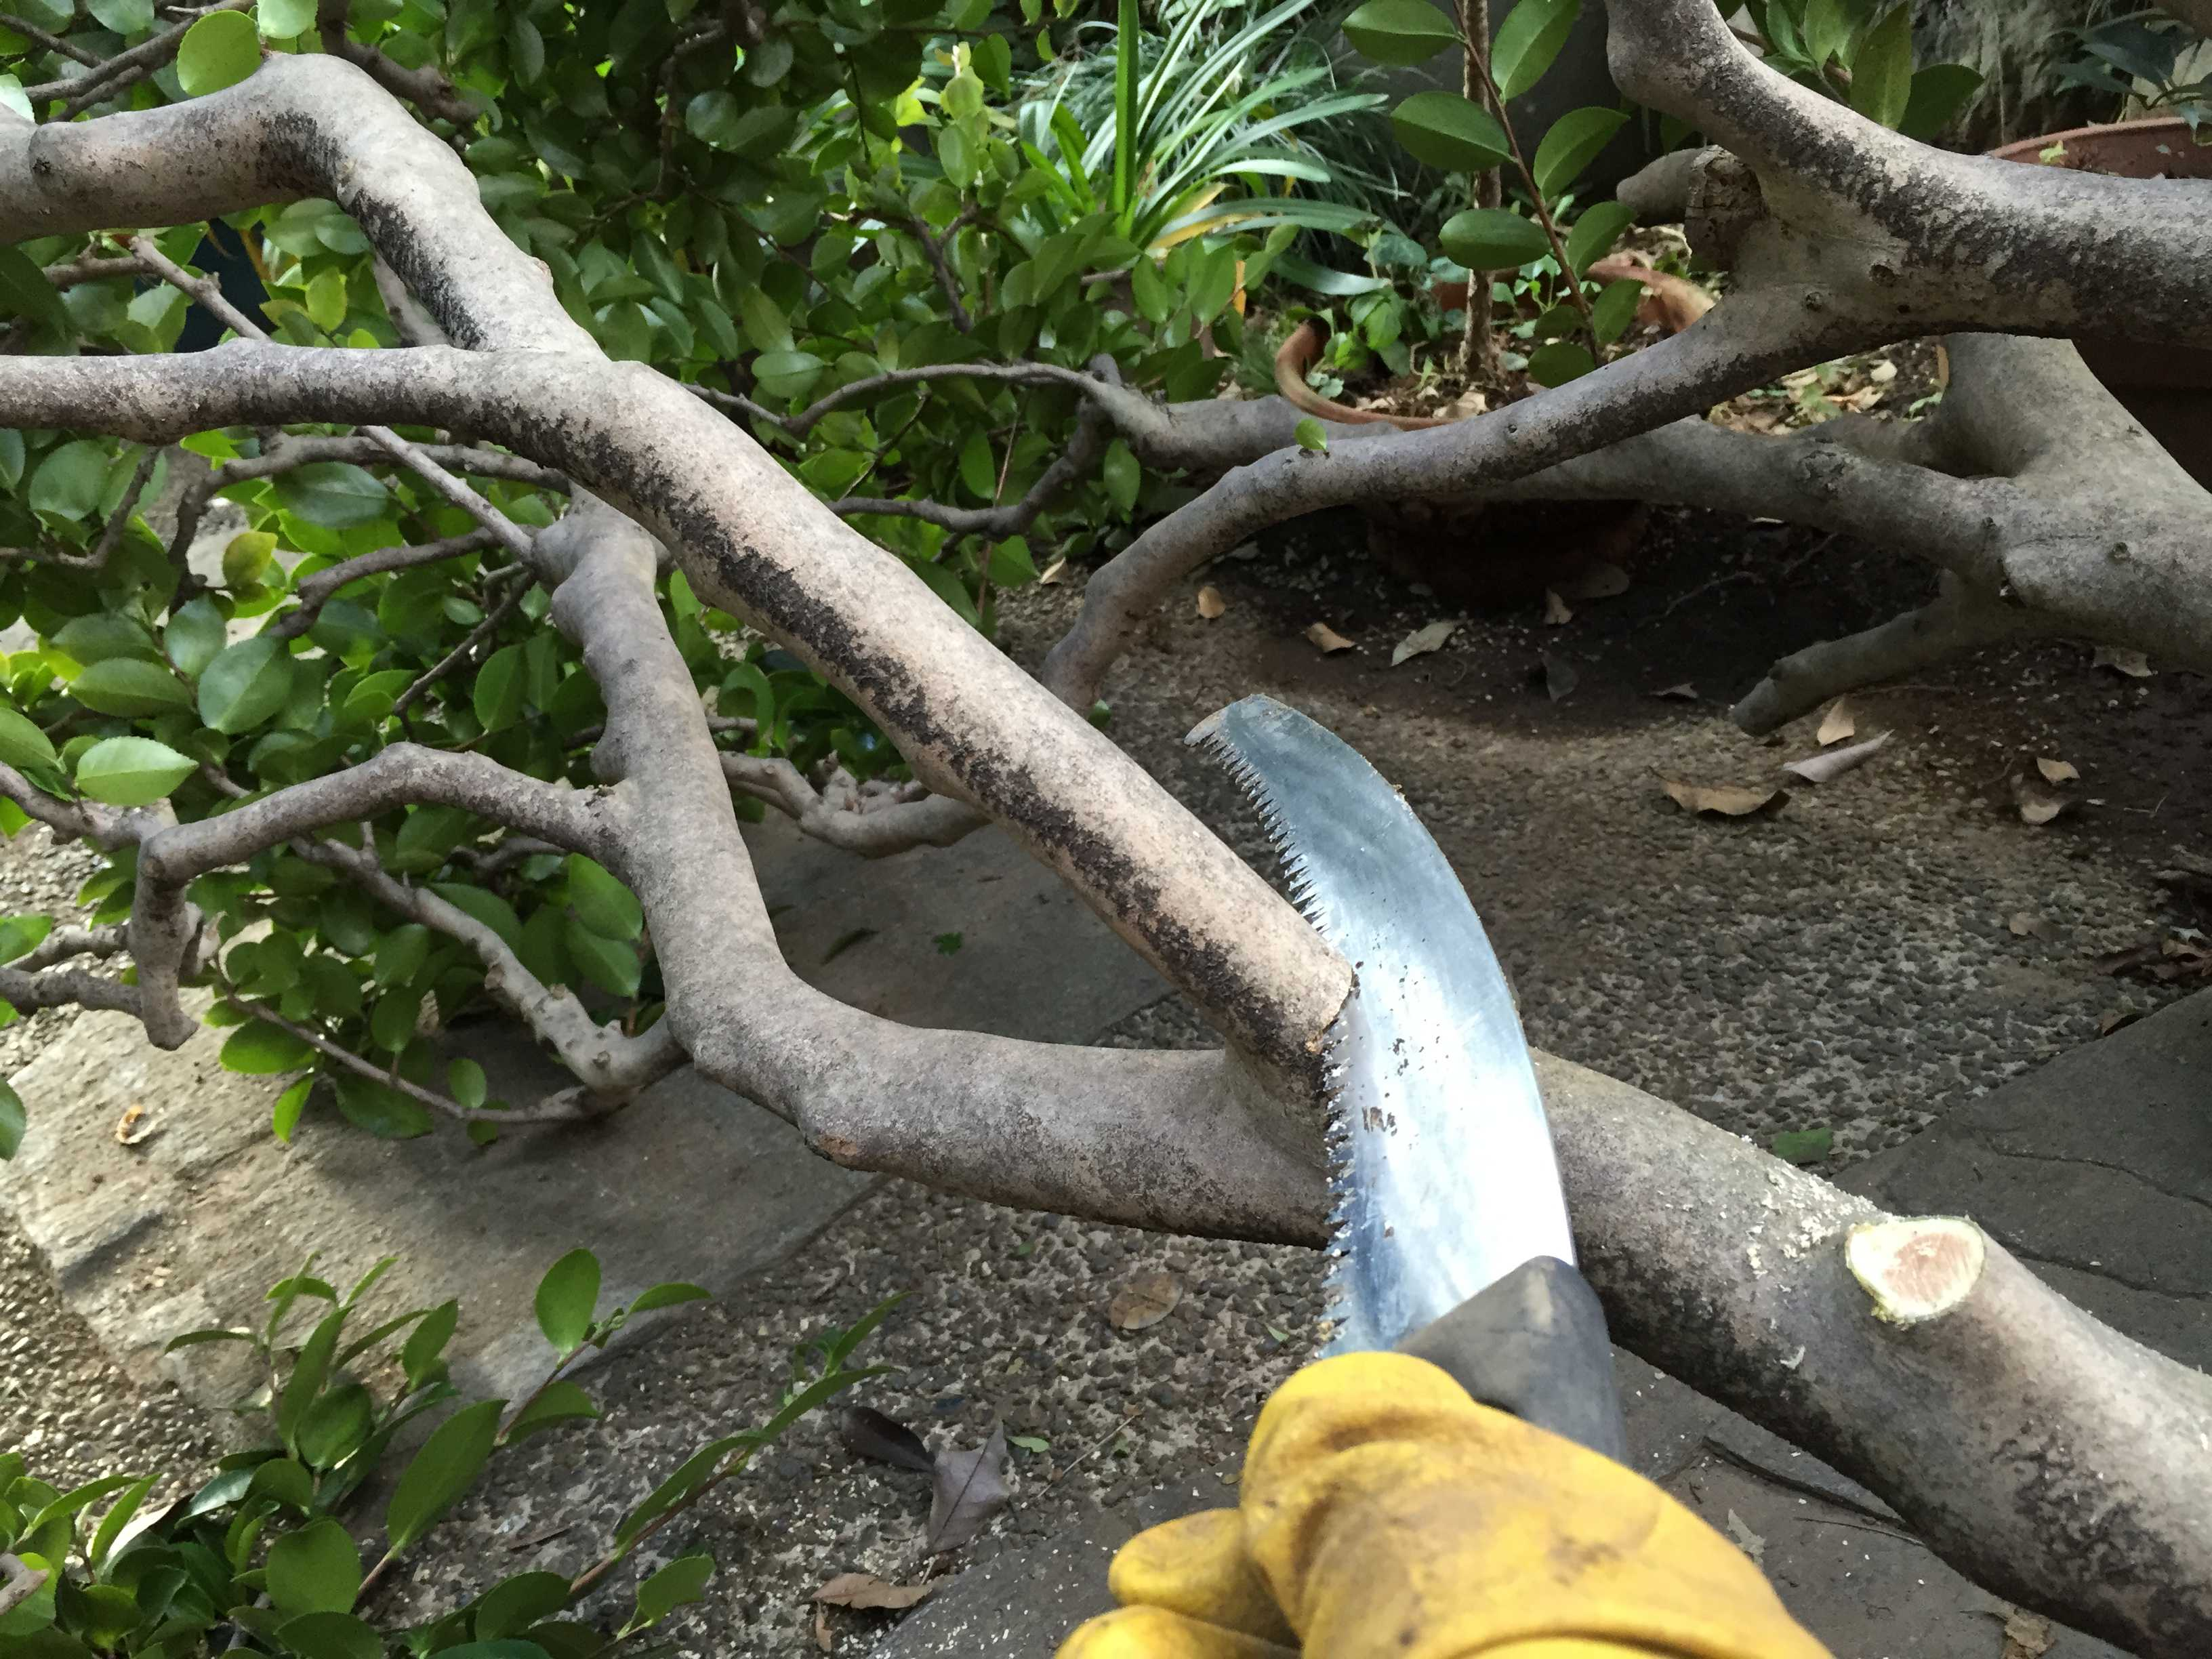 椿の倒木の枝払い